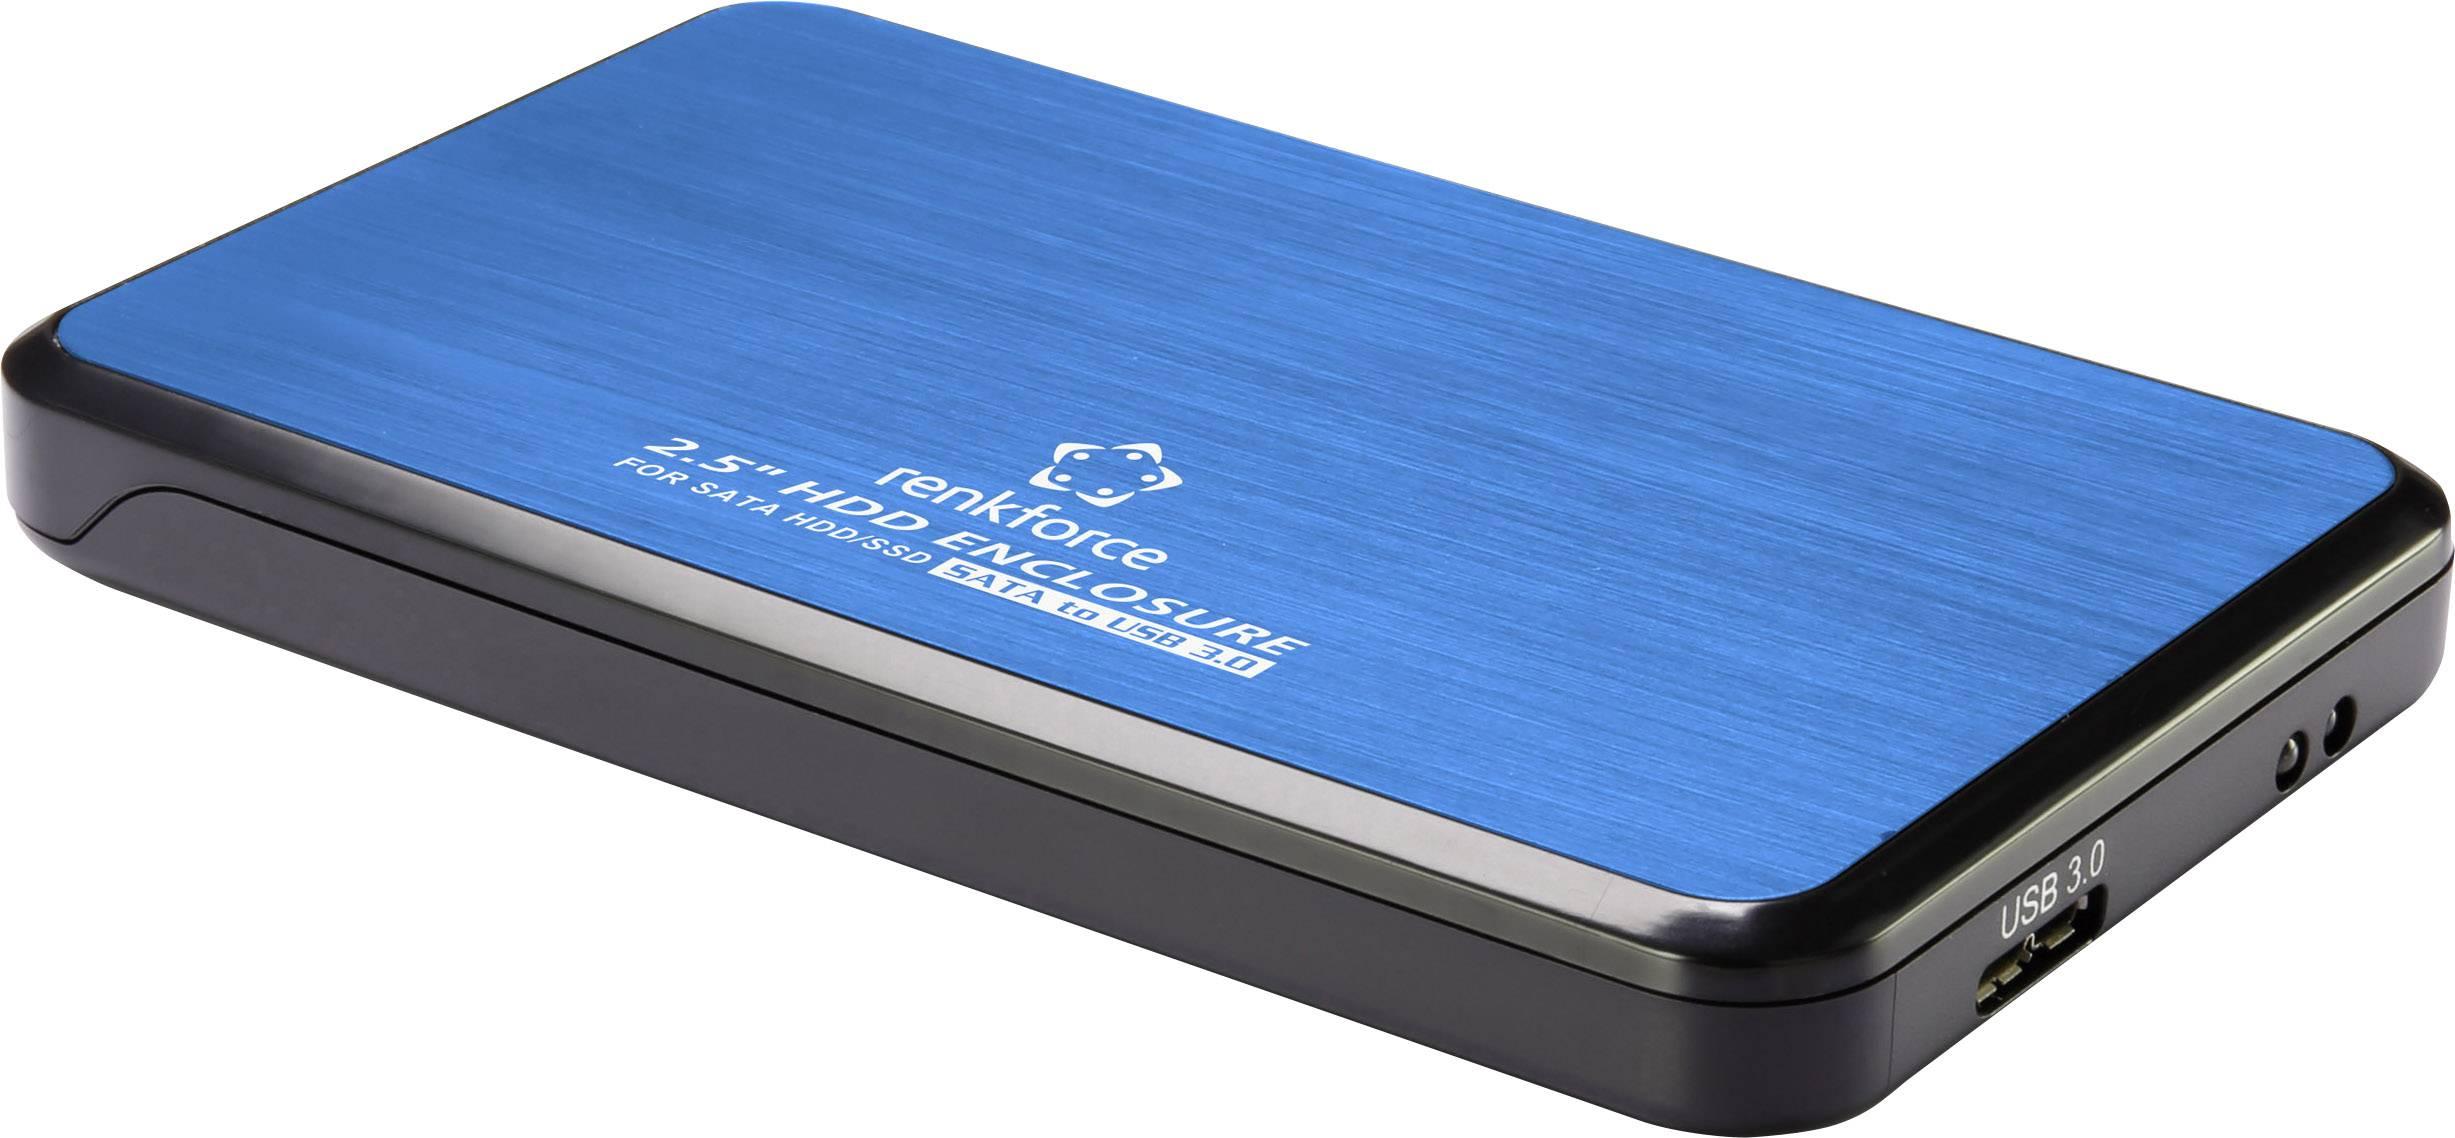 """Puzdro na pevný disk SATA 2.5 """" Renkforce RF-4271229, USB 3.0, modrá"""